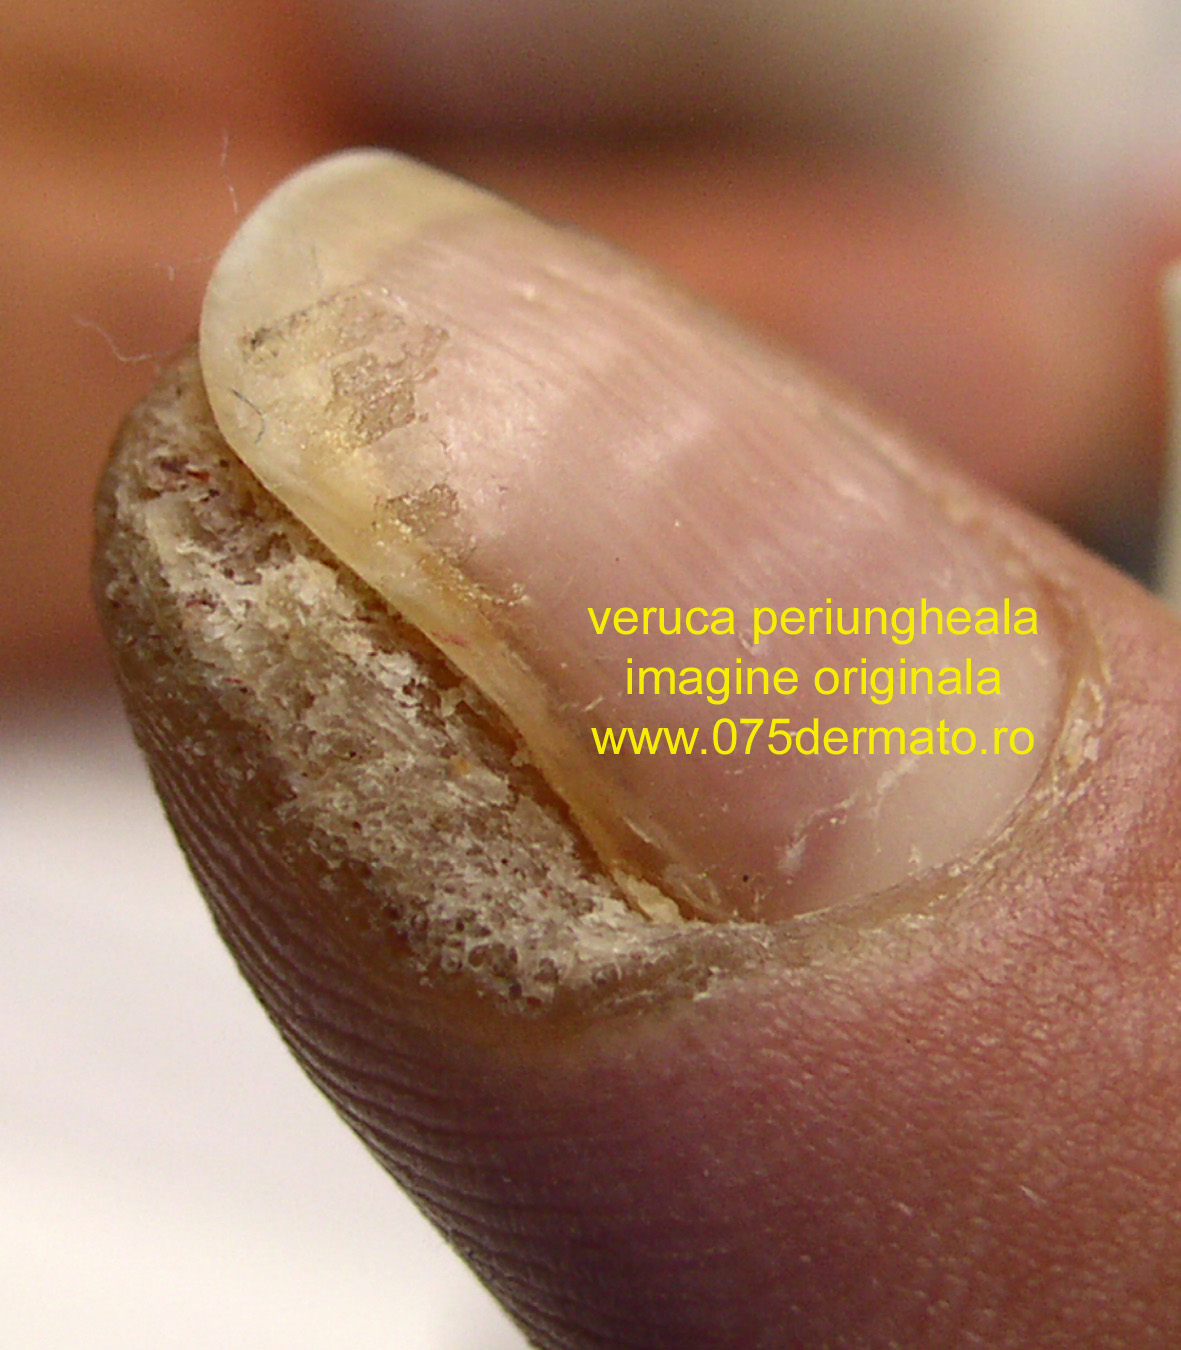 tratamentul verucii plantare cu lac de unghii)